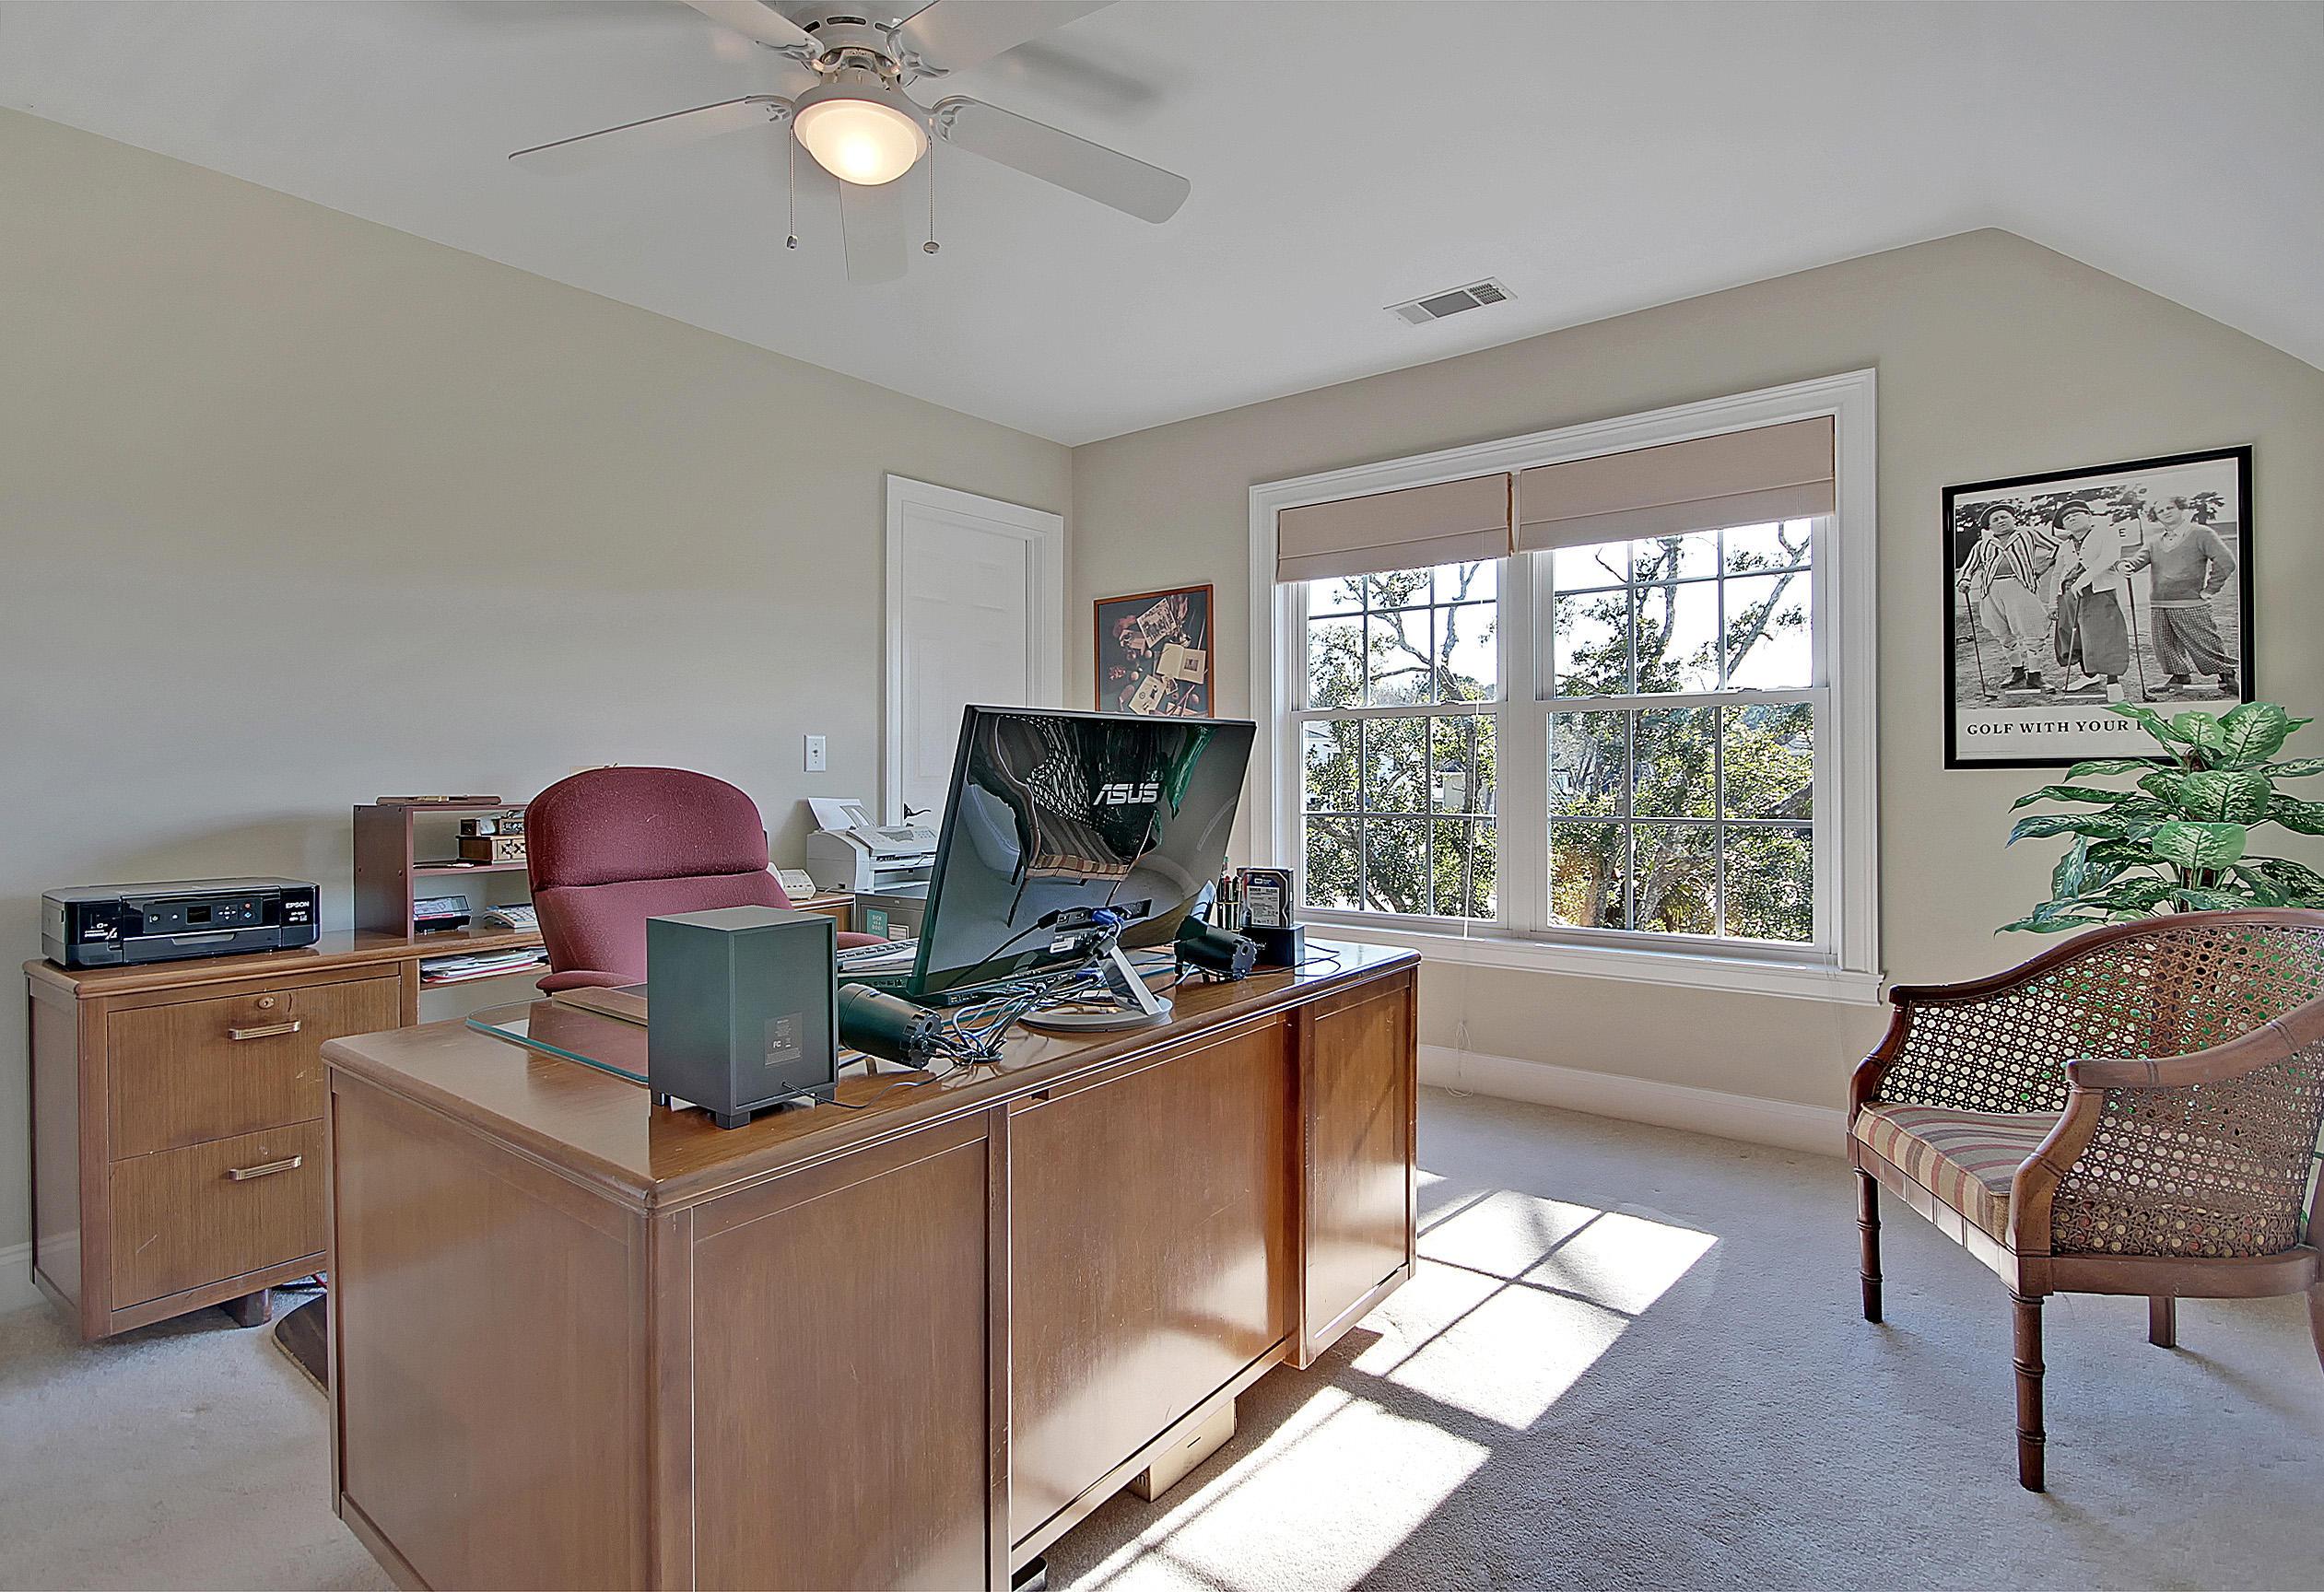 Dunes West Homes For Sale - 2721 Fountainhead, Mount Pleasant, SC - 68